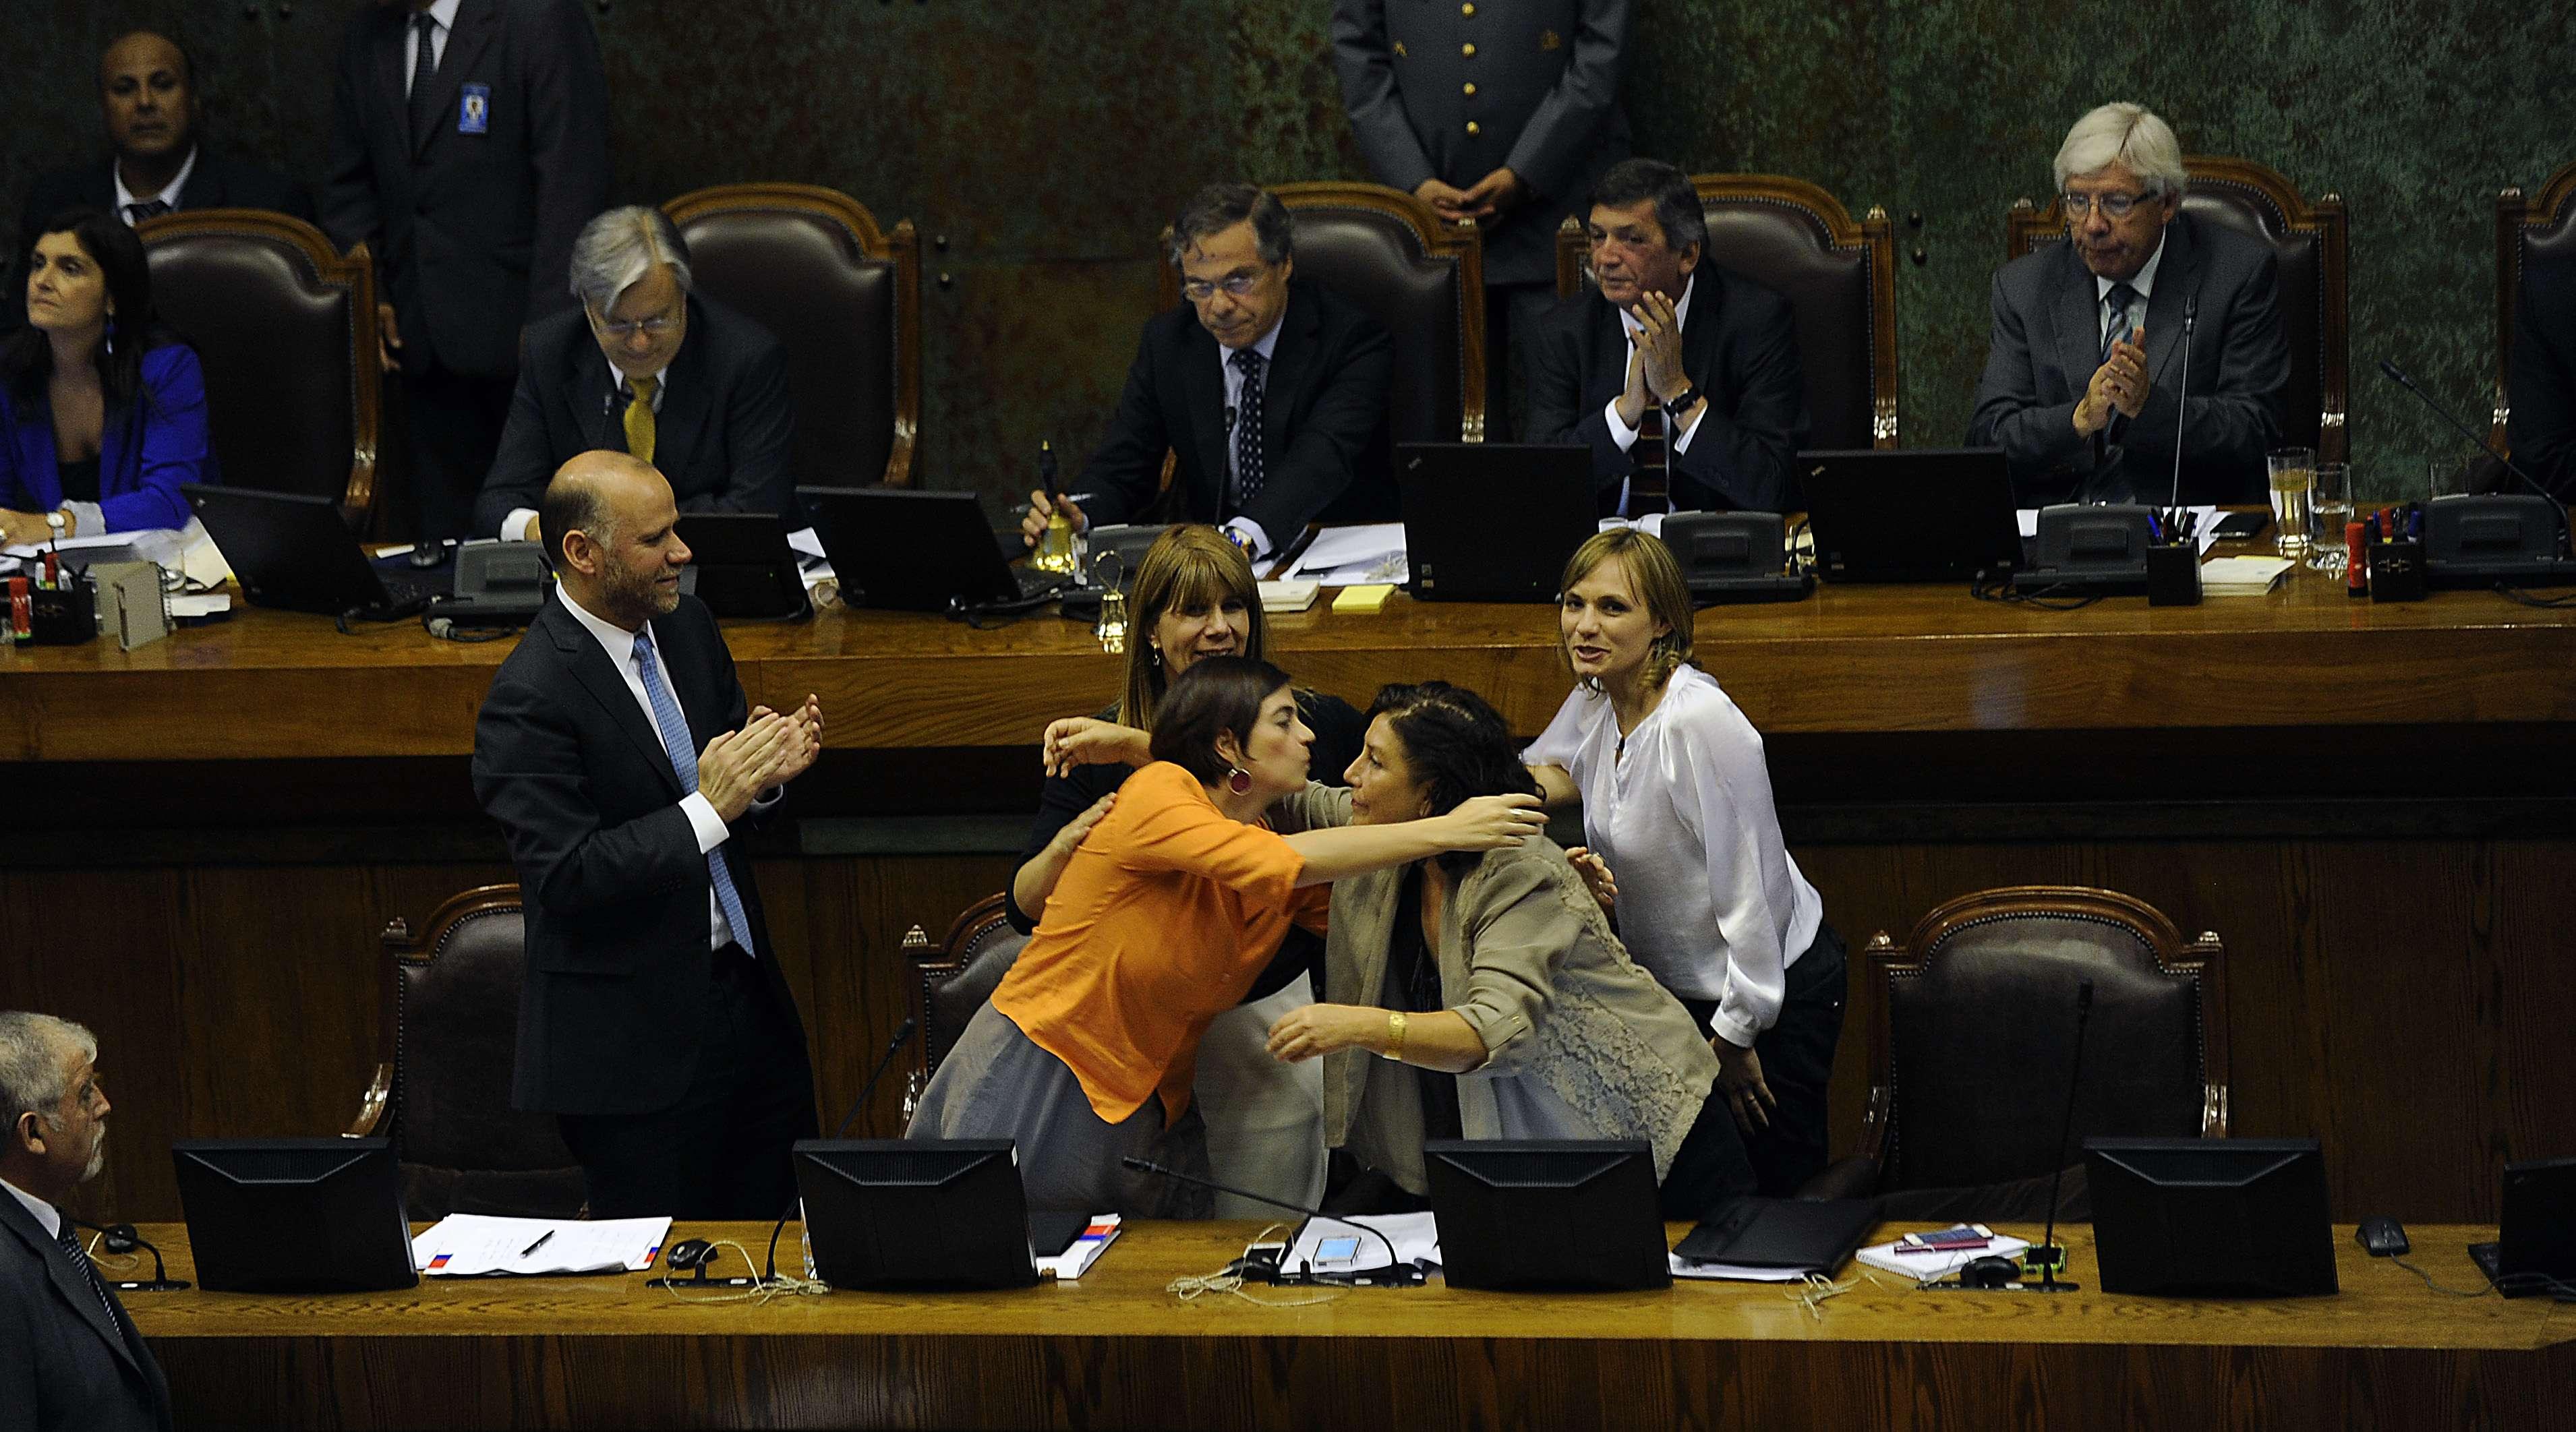 Los Ministros Alvaro Elizalde Gobierno, Ximena Rinco Presidencia Claudia Pascual Mujer y la senadora Carolina Goic ,en la aprobación del proyecto de ley que crea el Ministerio de la Mujer, el 28 de enero de 2015. Foto: Agencia UNO